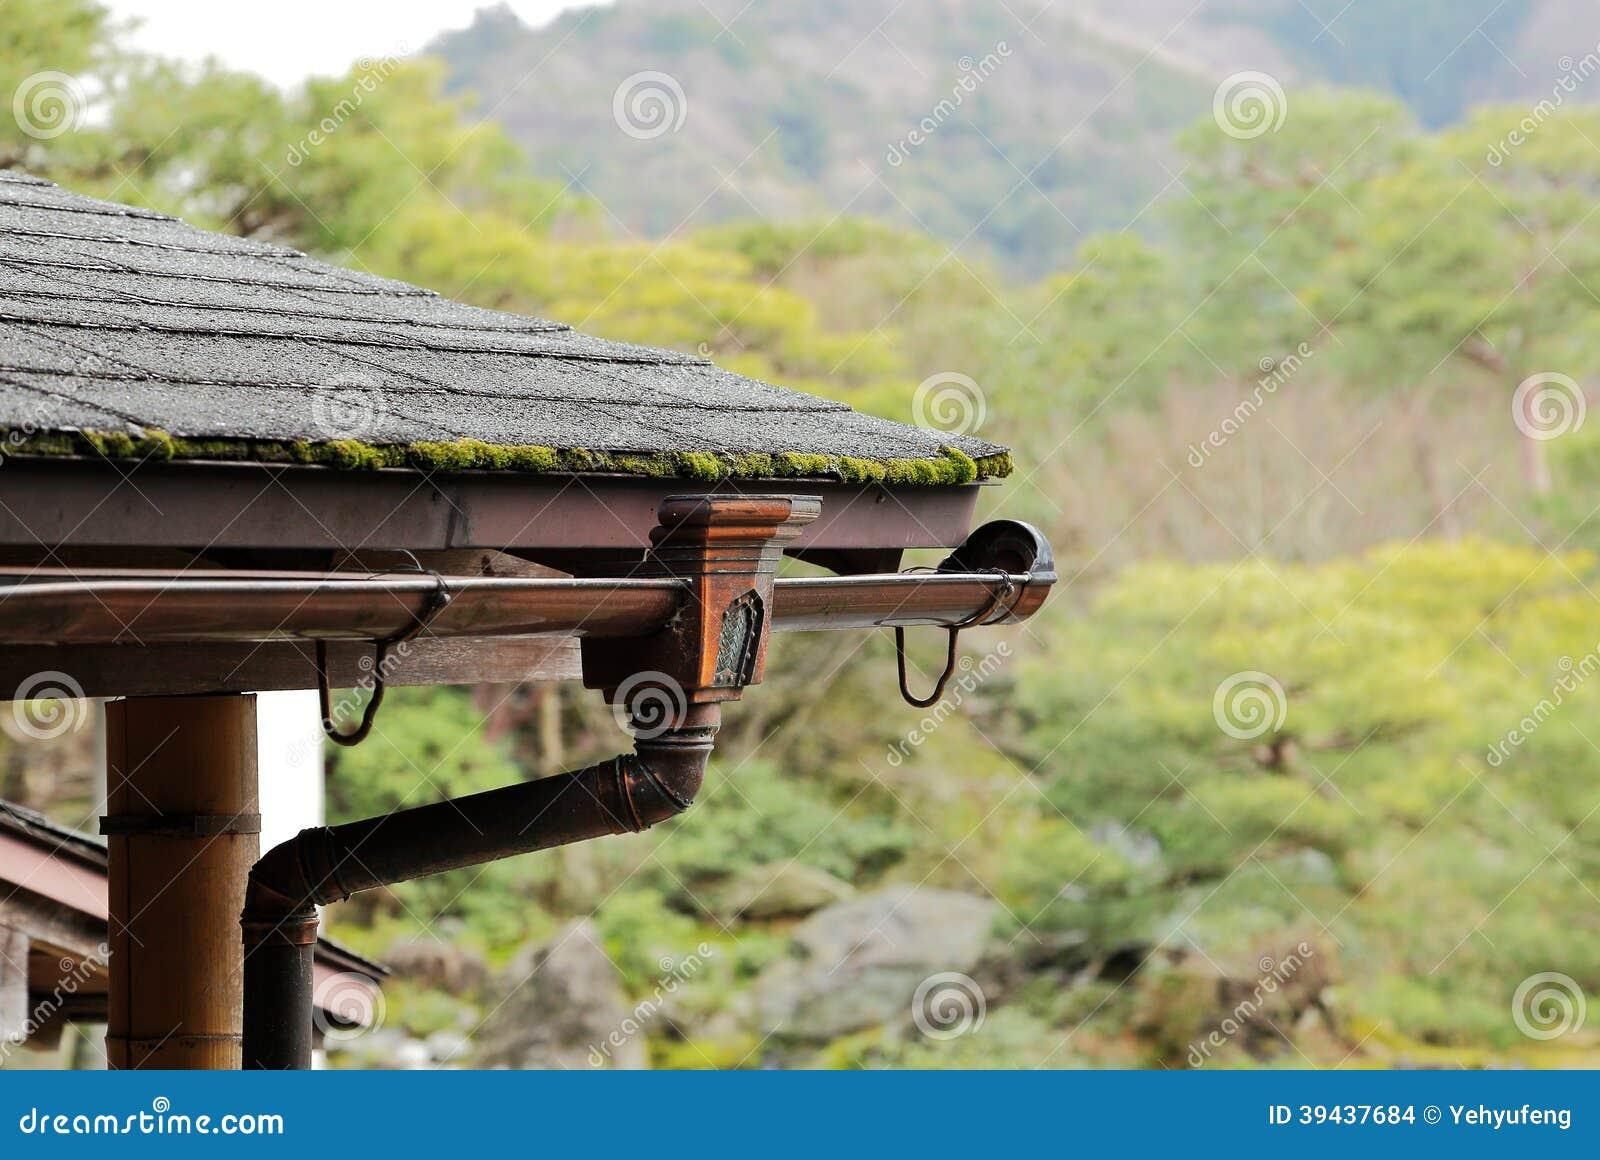 Goutti re de pluie de maison de vintage photo stock image 39437684 - Household water treatment a traditional approach ...